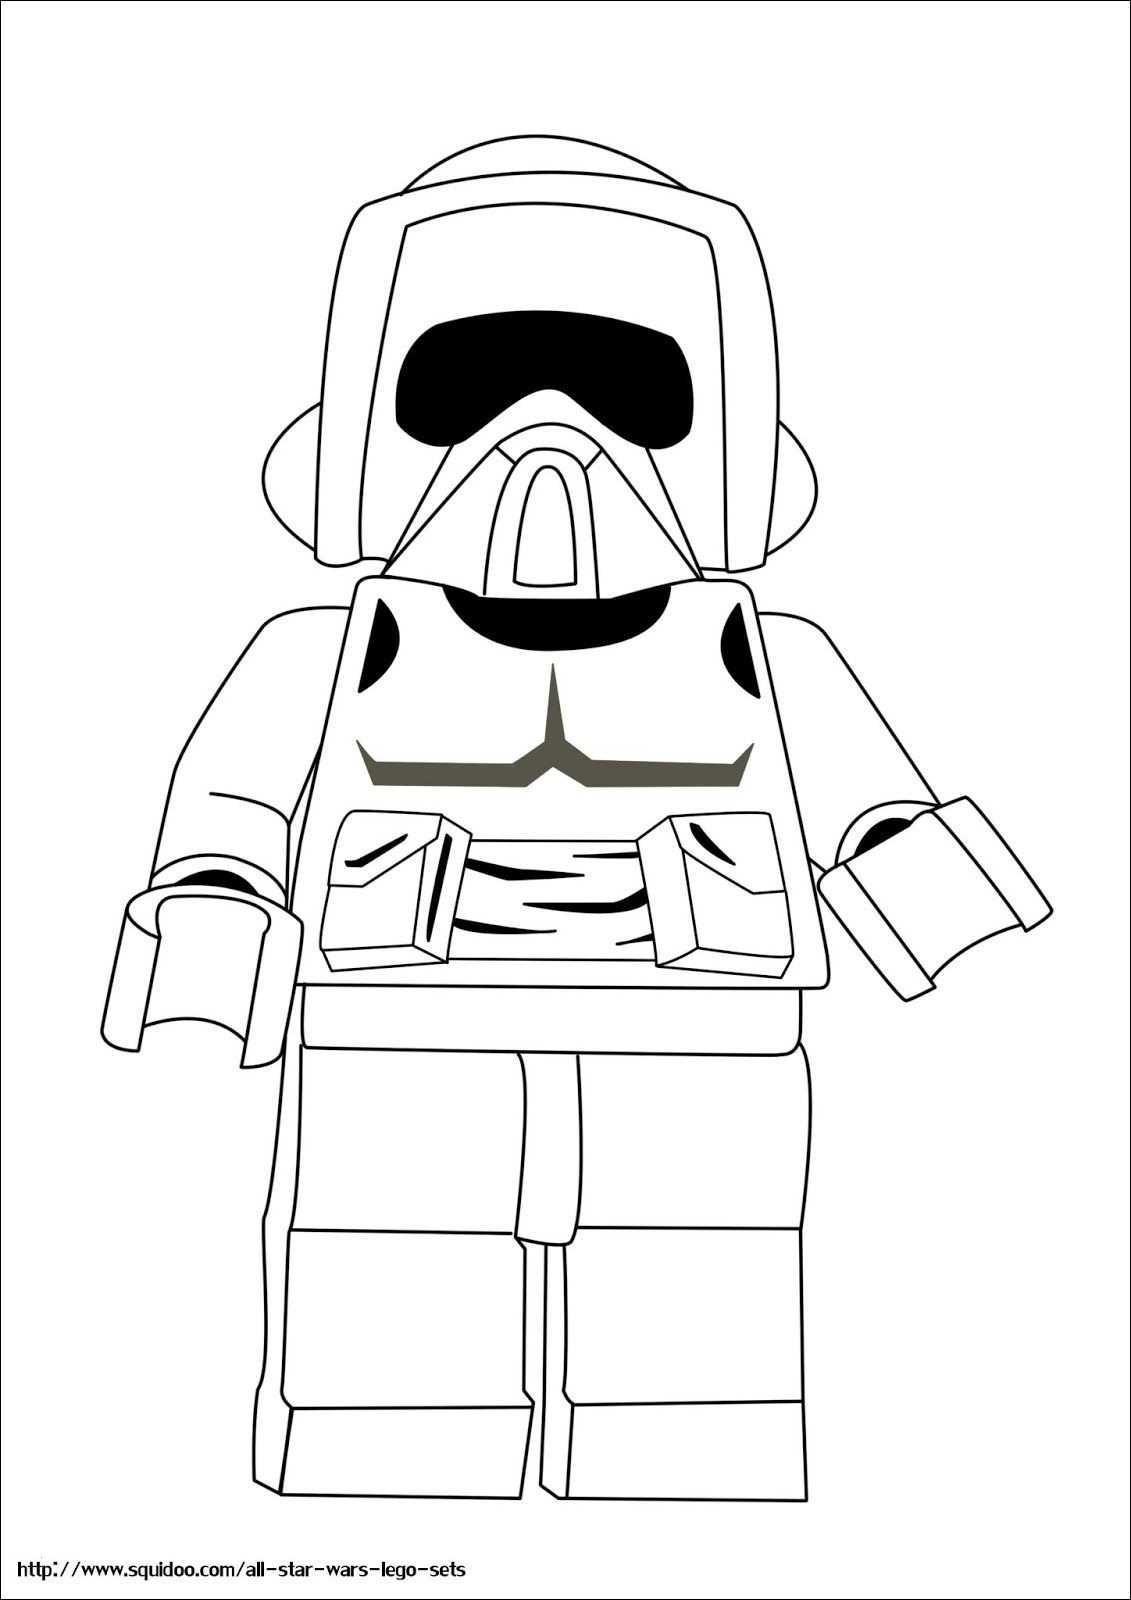 The Walking Dead Ausmalbilder Frisch Ausmalbilder Star Wars Lego Bild 32 Lego Starwars Ausmalbilder Sammlung